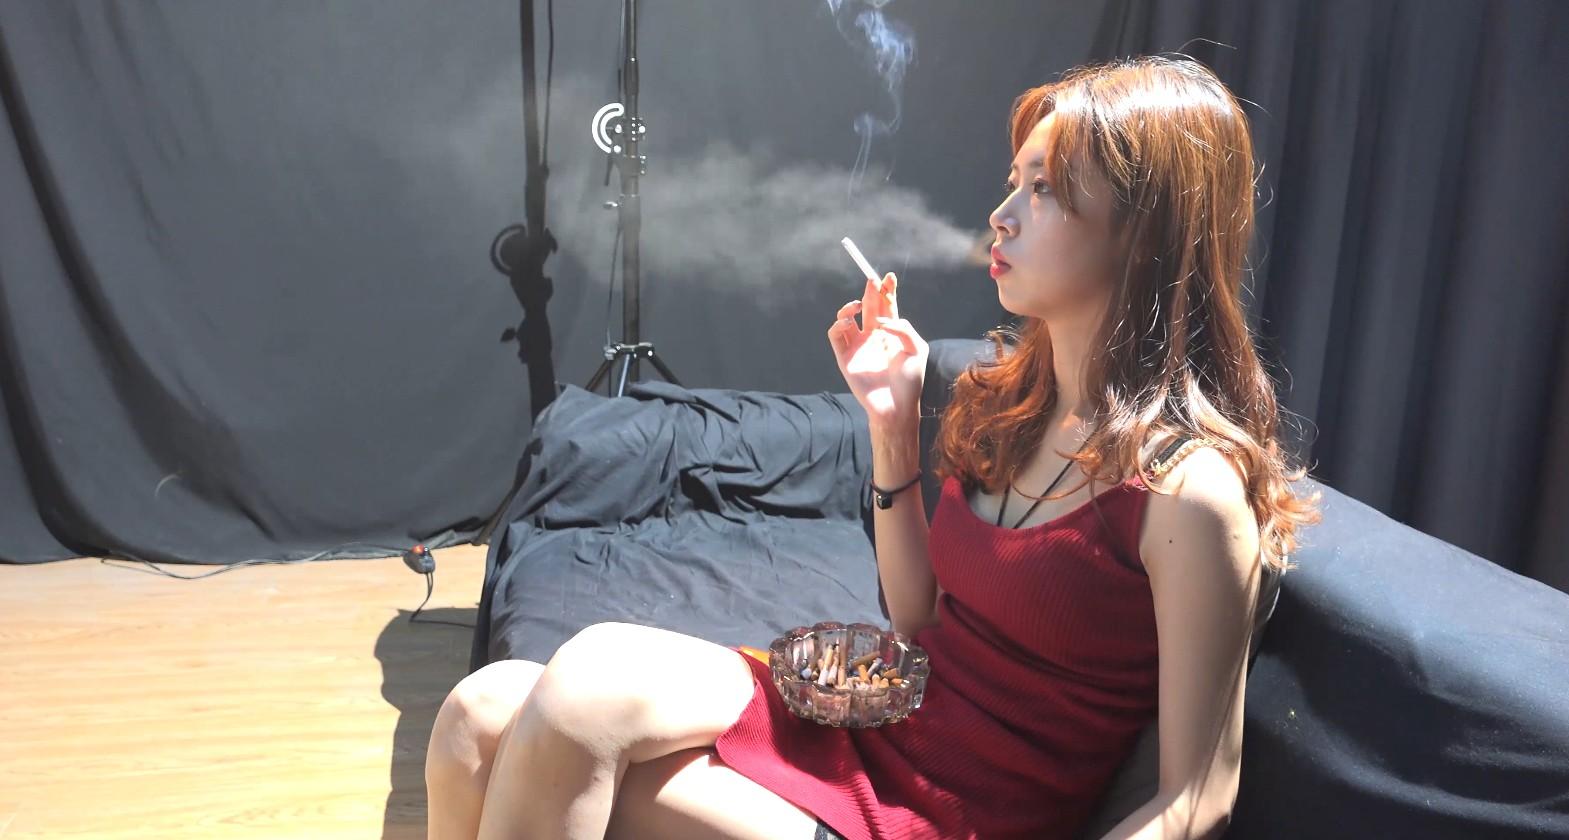 极品小姐姐吸烟